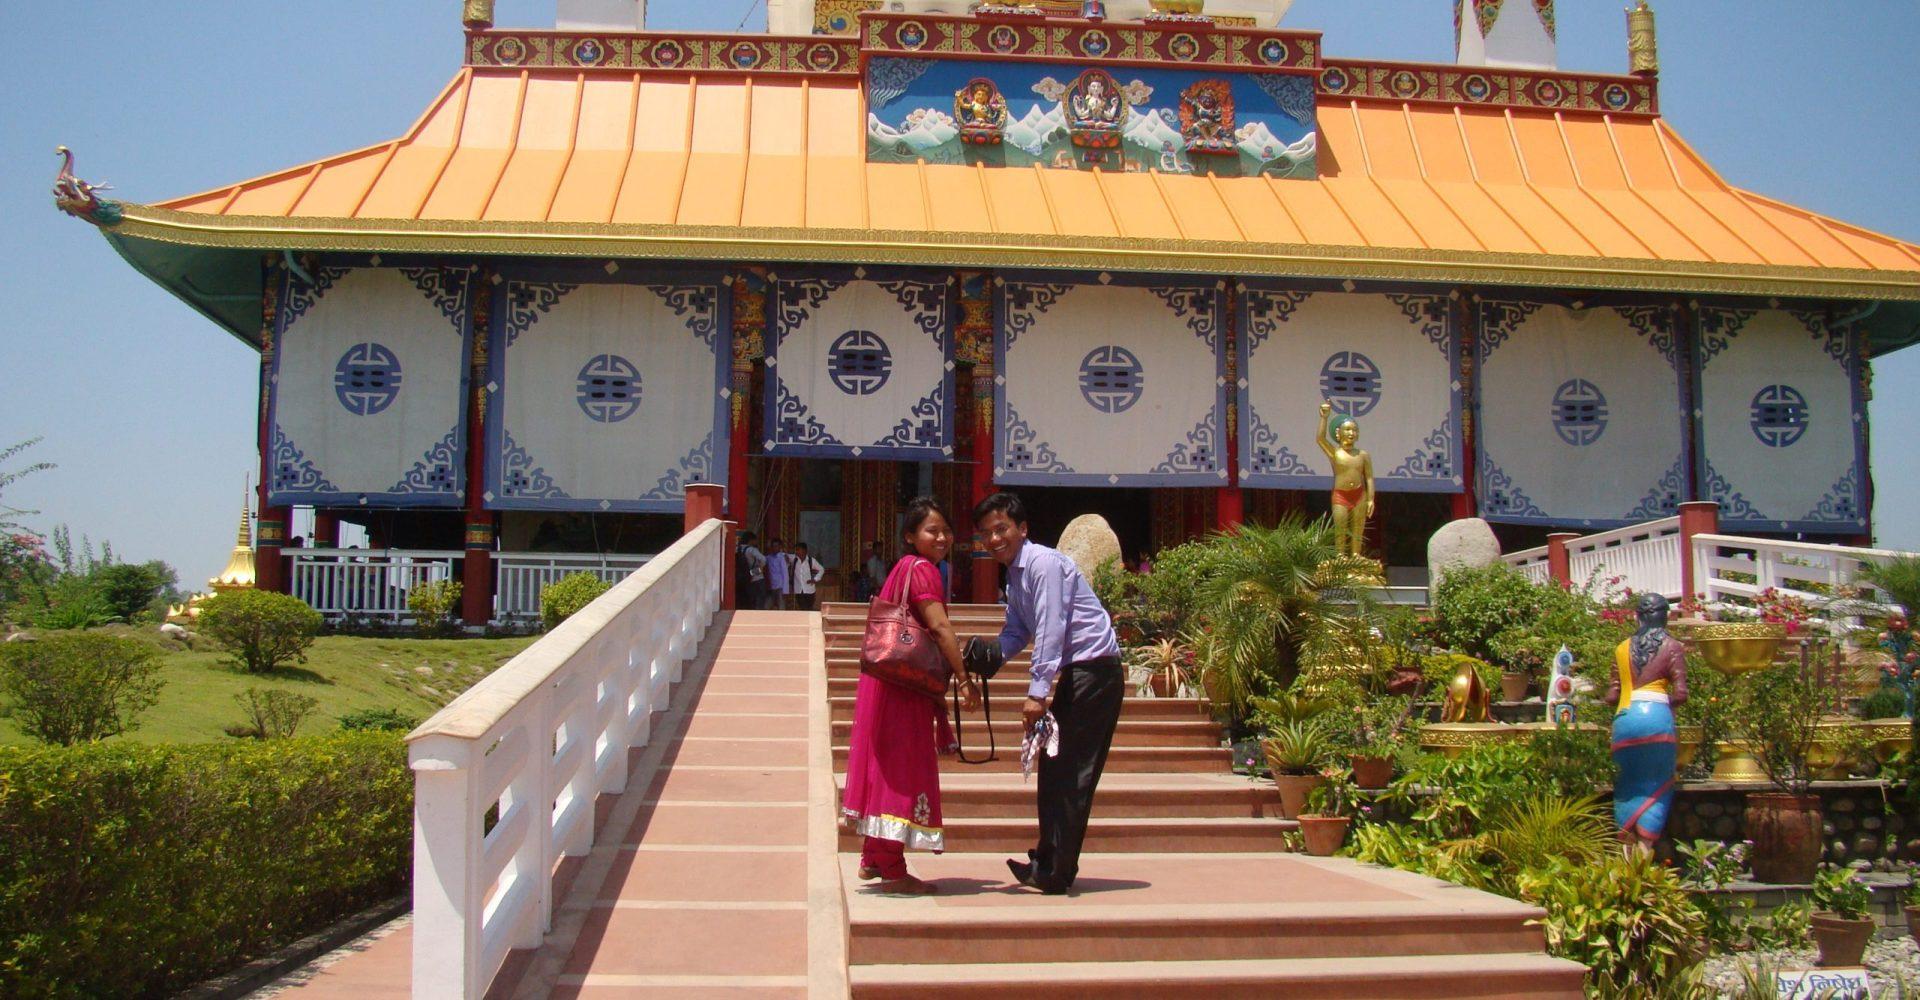 लुम्बिनीमा बढ्न थाले आन्तरिक पर्यटक, दैनिक हजारौले भ्रमण गर्दै